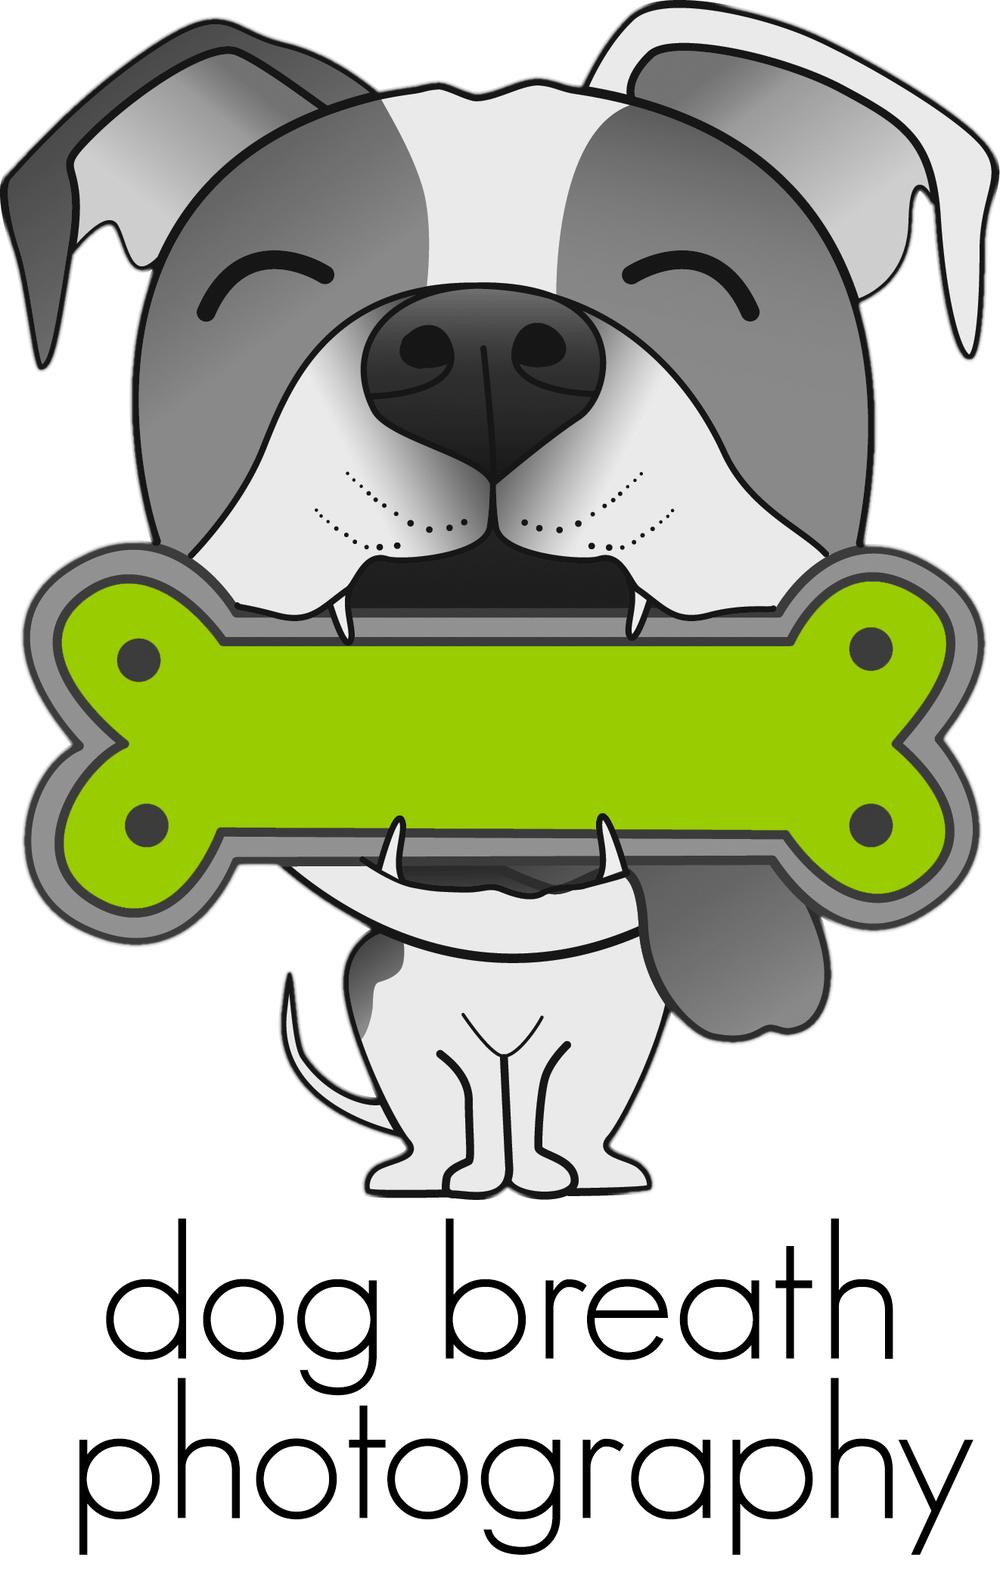 Boston Dog Photographer | Dog Breath Photography | Boston Pet Photographer